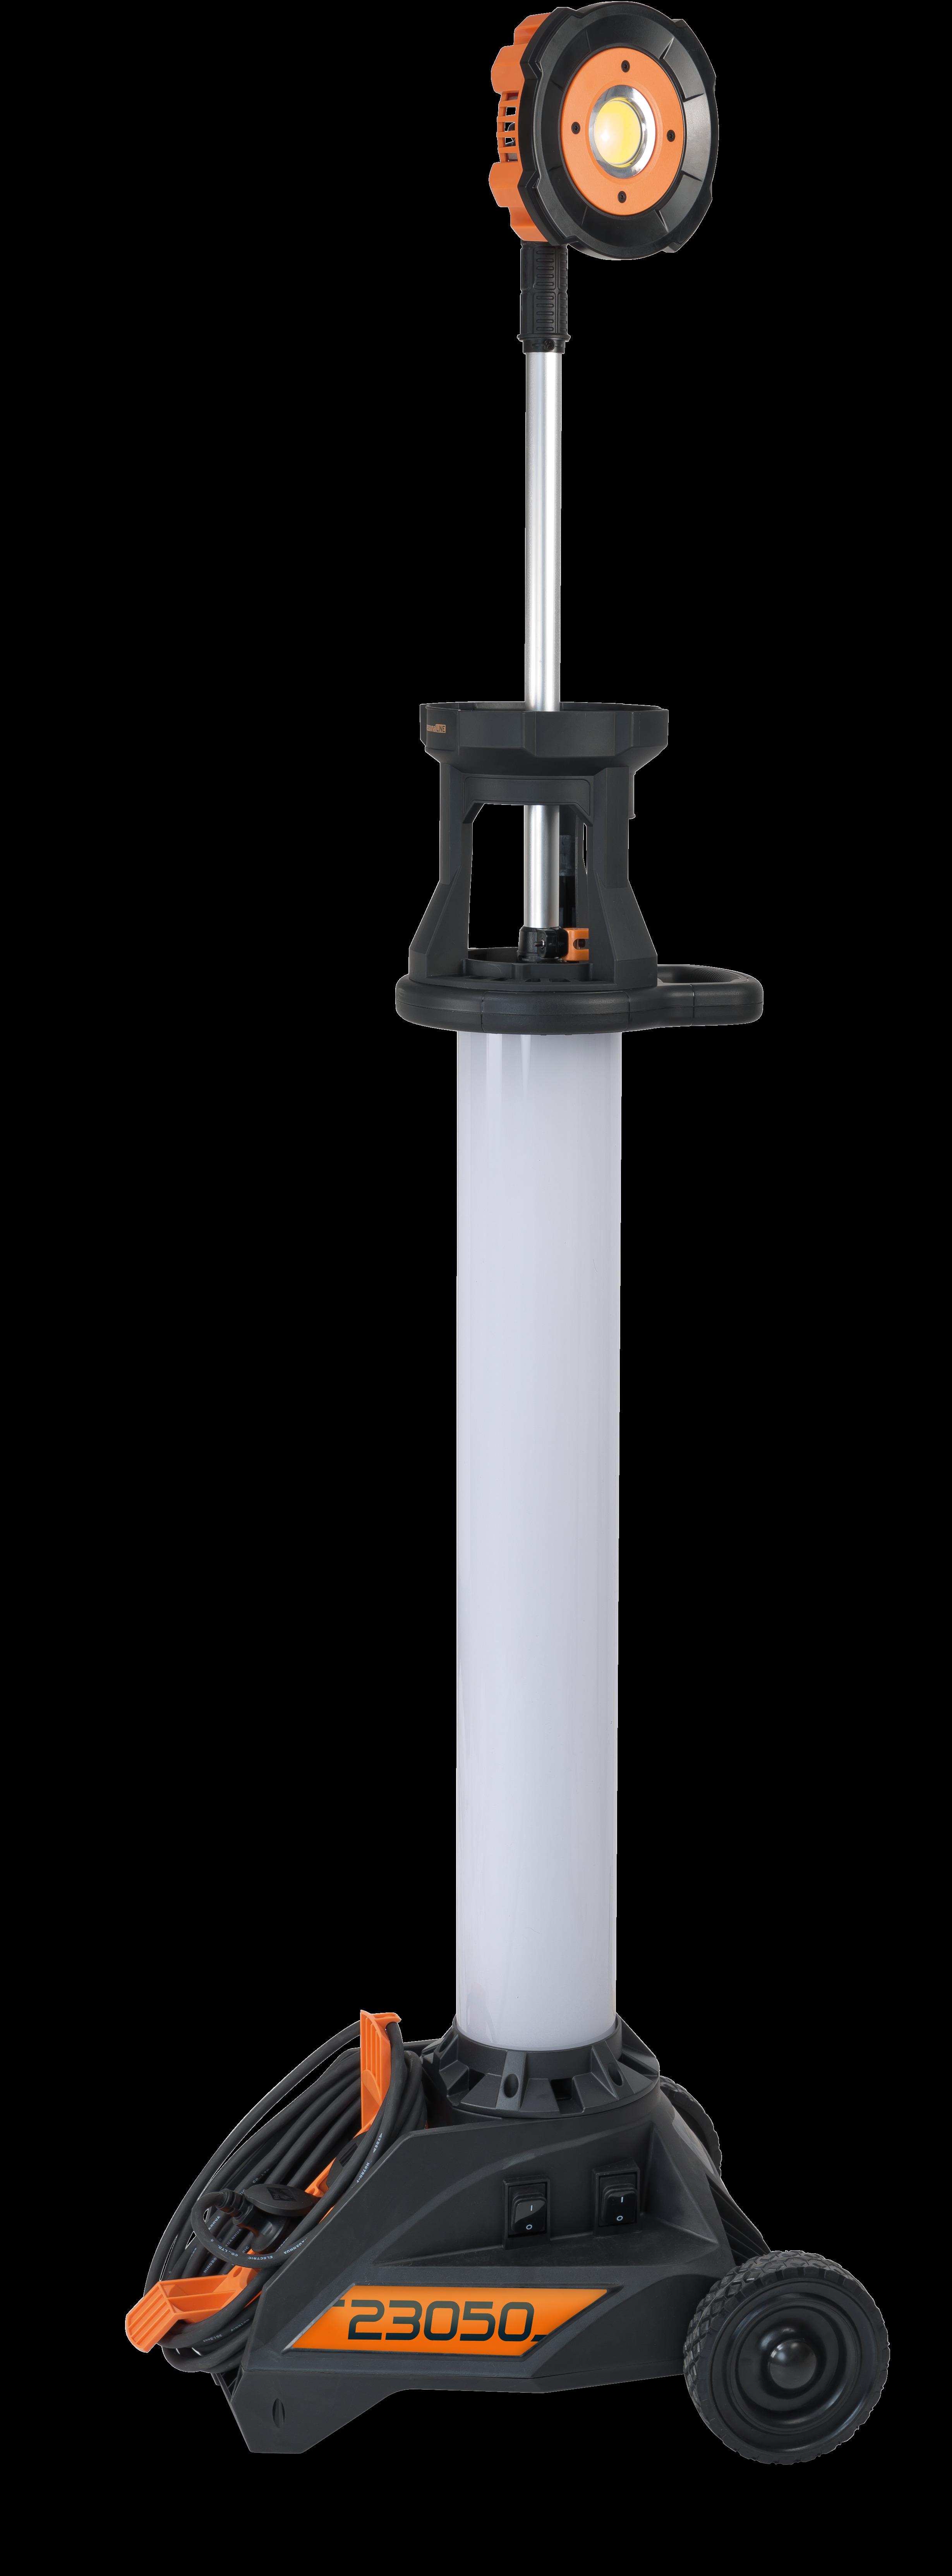 brennenstuhl-led-strahler